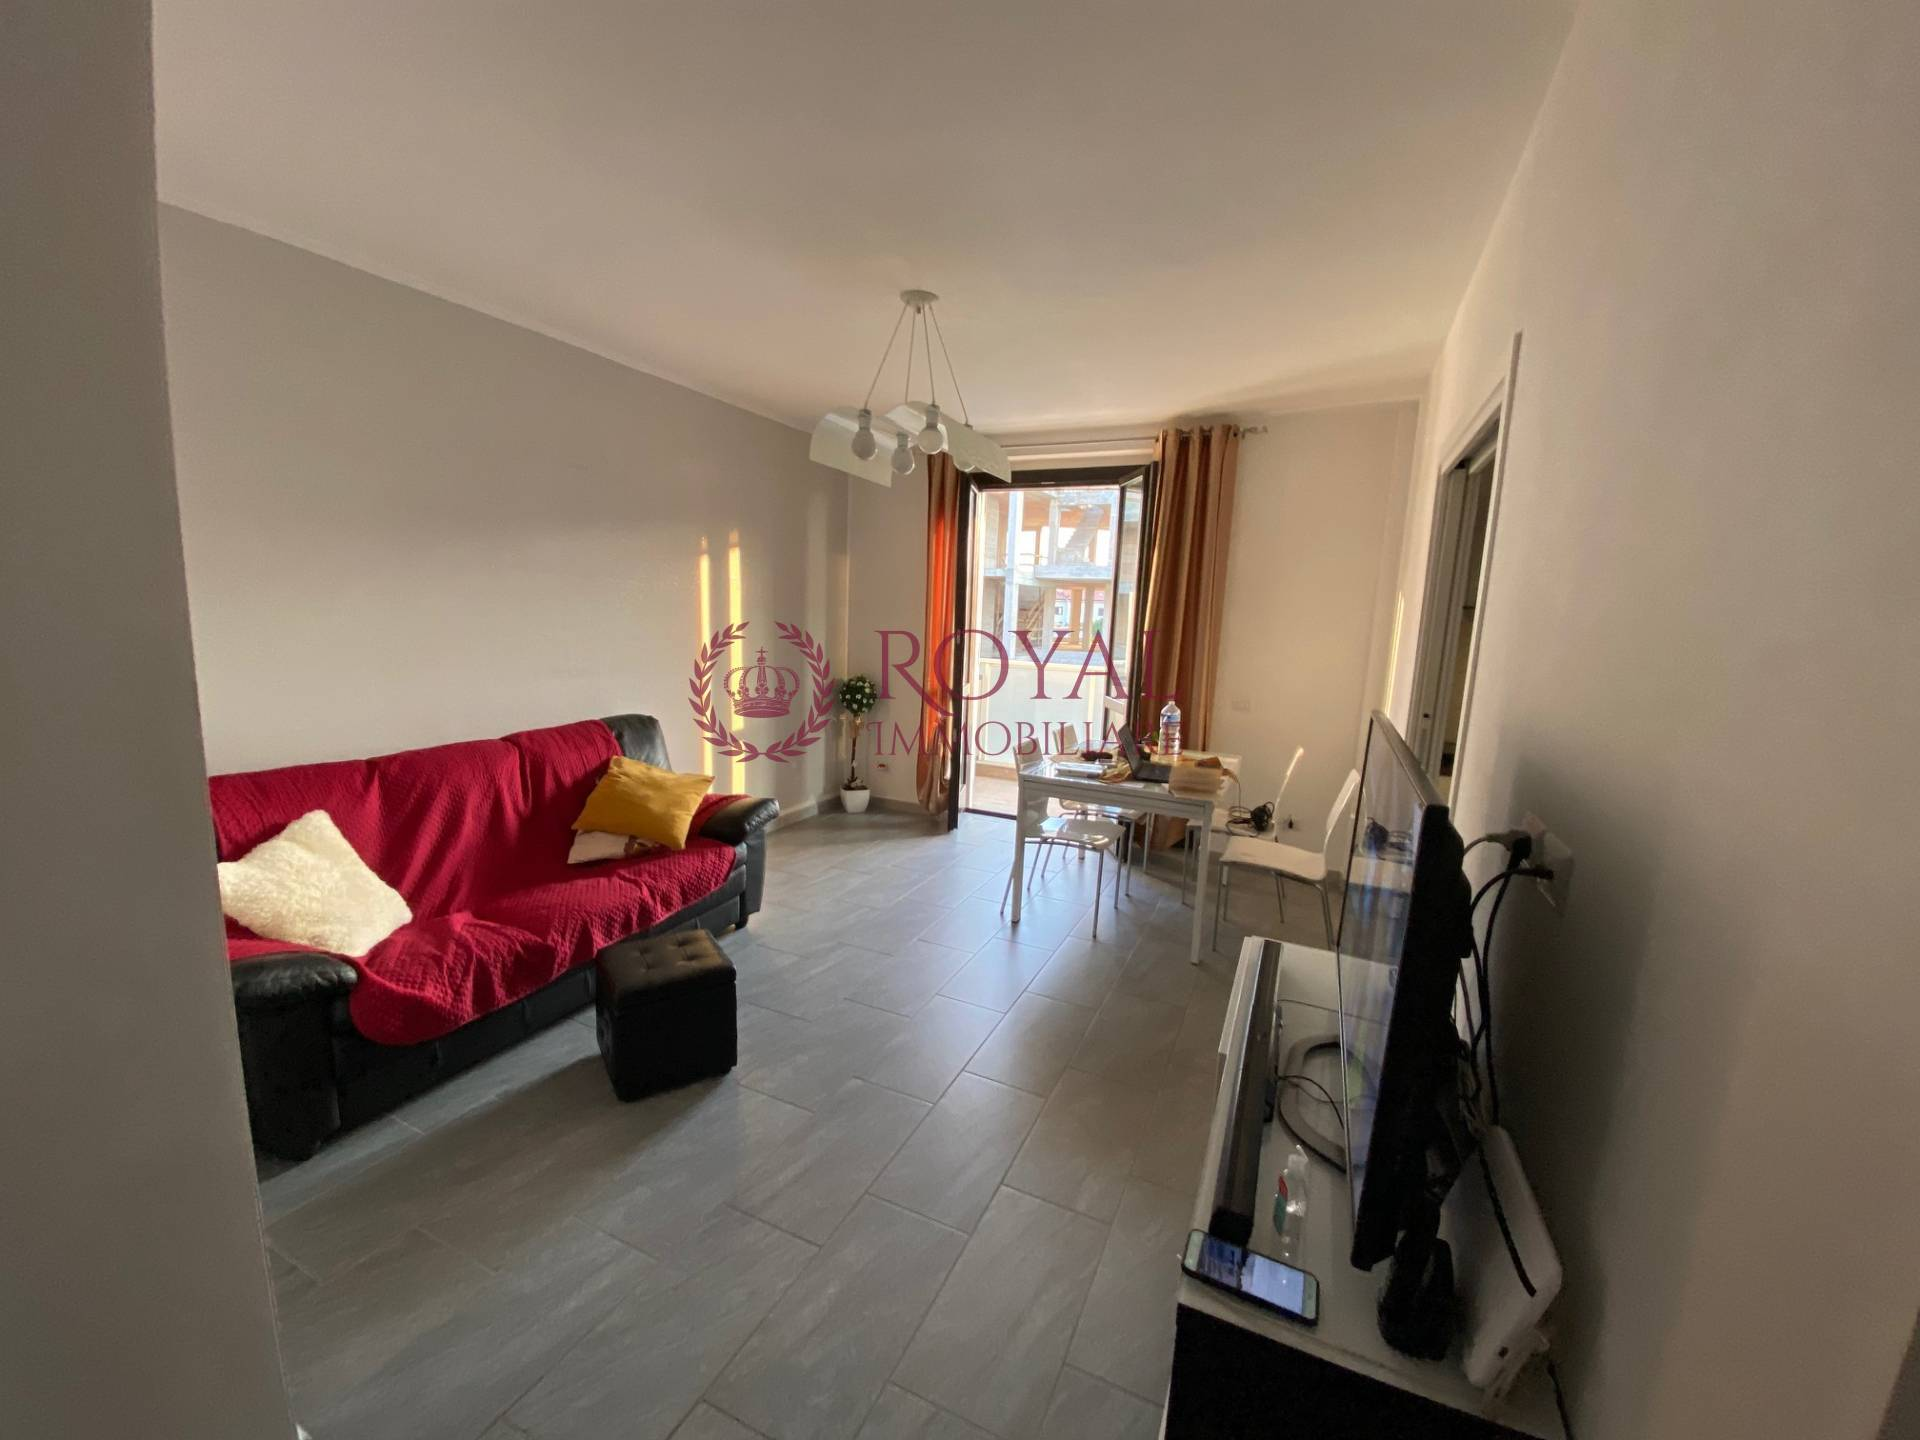 Appartamento in vendita a Livorno, 5 locali, zona Località: Periferiasud, prezzo € 240.000 | PortaleAgenzieImmobiliari.it